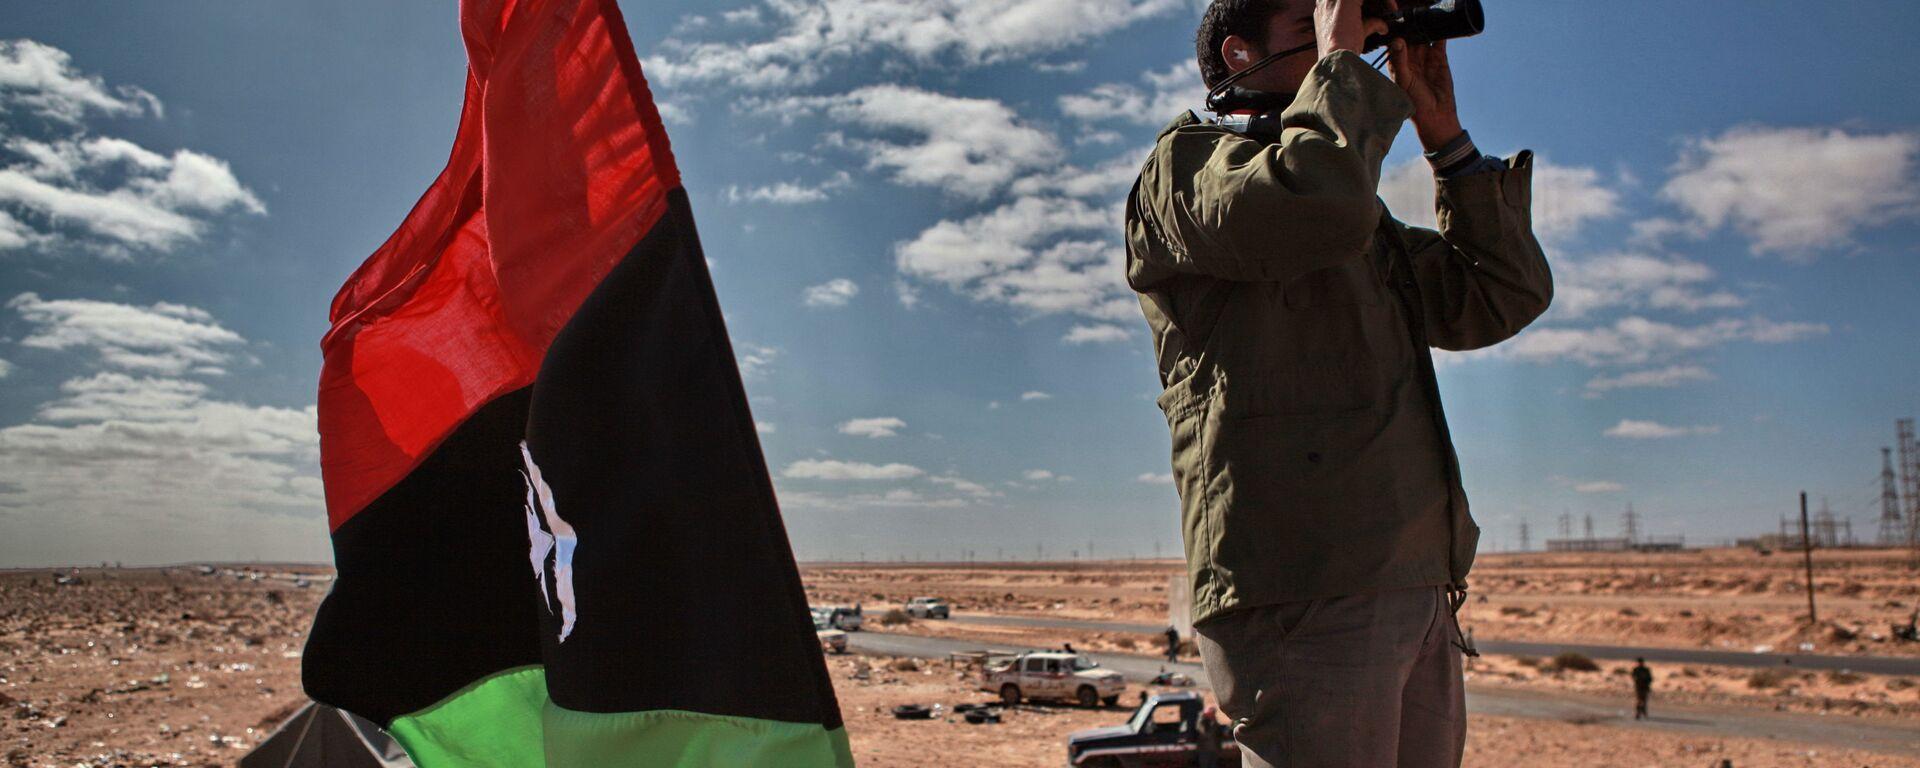 La situazione in Libia - Sputnik Italia, 1920, 25.03.2021